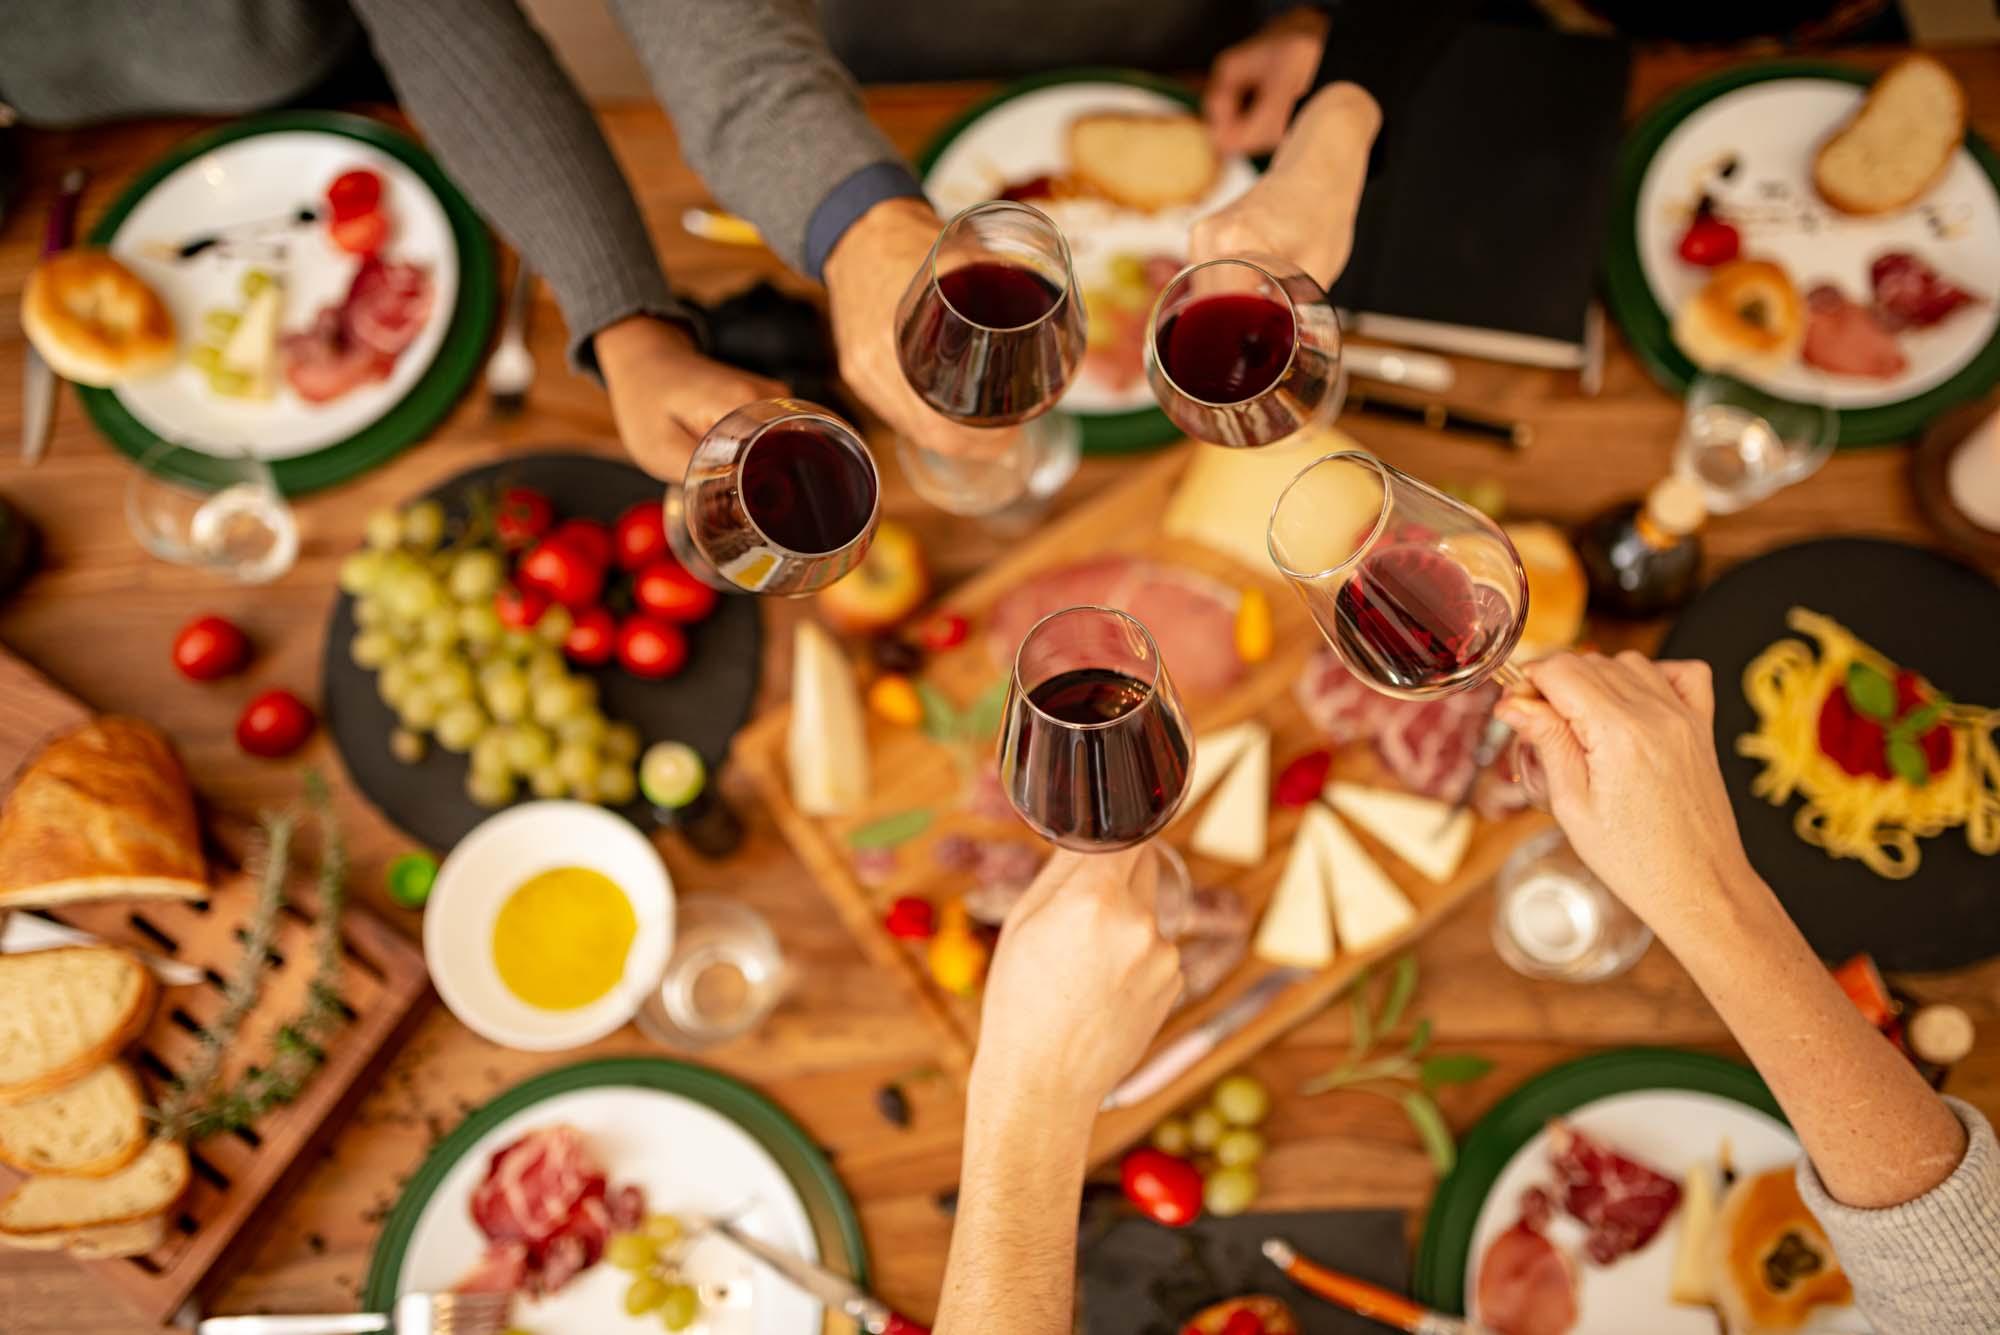 Degustazioni Enogastronomiche Cene Aziendali a Trento